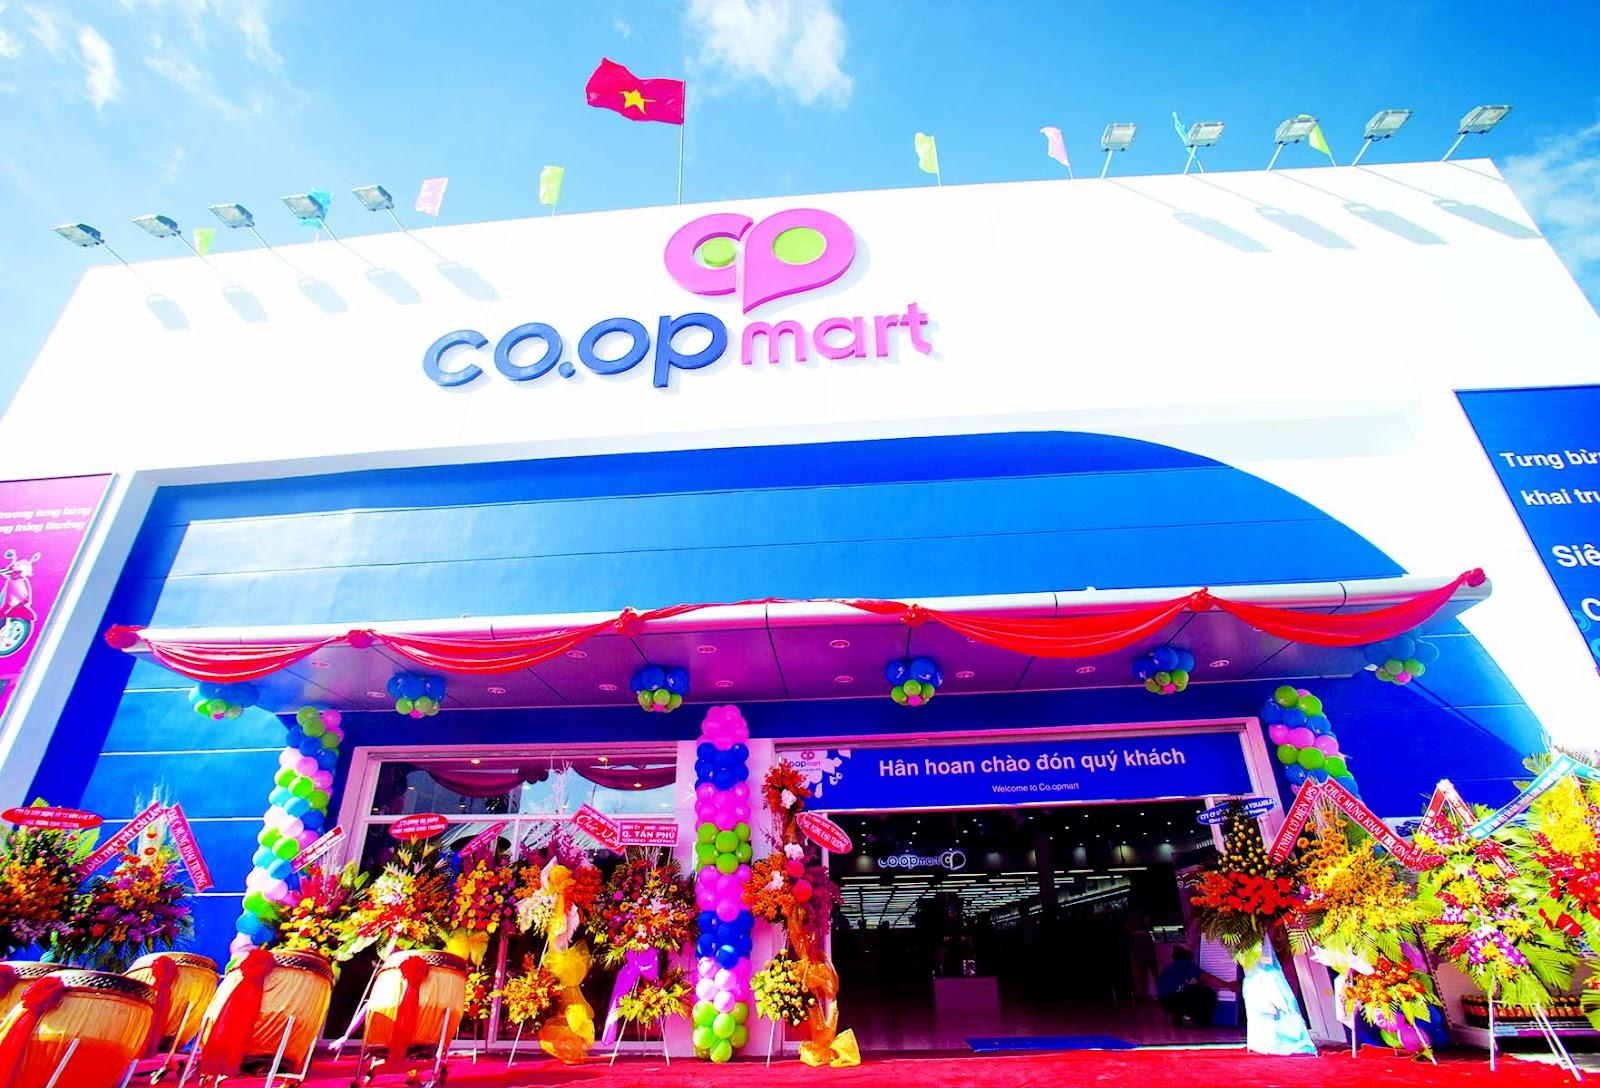 Co.opmart - lựa chọn hàng đầu của người tiêu dùng Việt Nam - Báo Người lao động